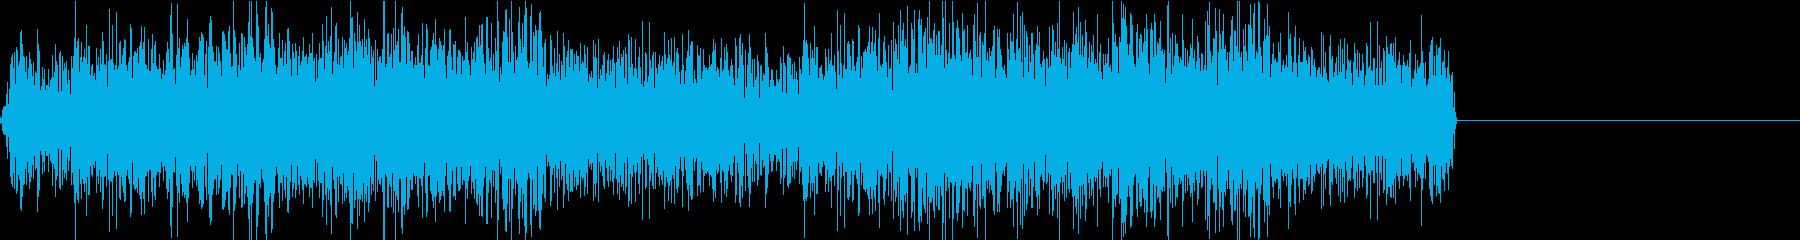 工場 工業地帯 ノイズ 機械音の再生済みの波形